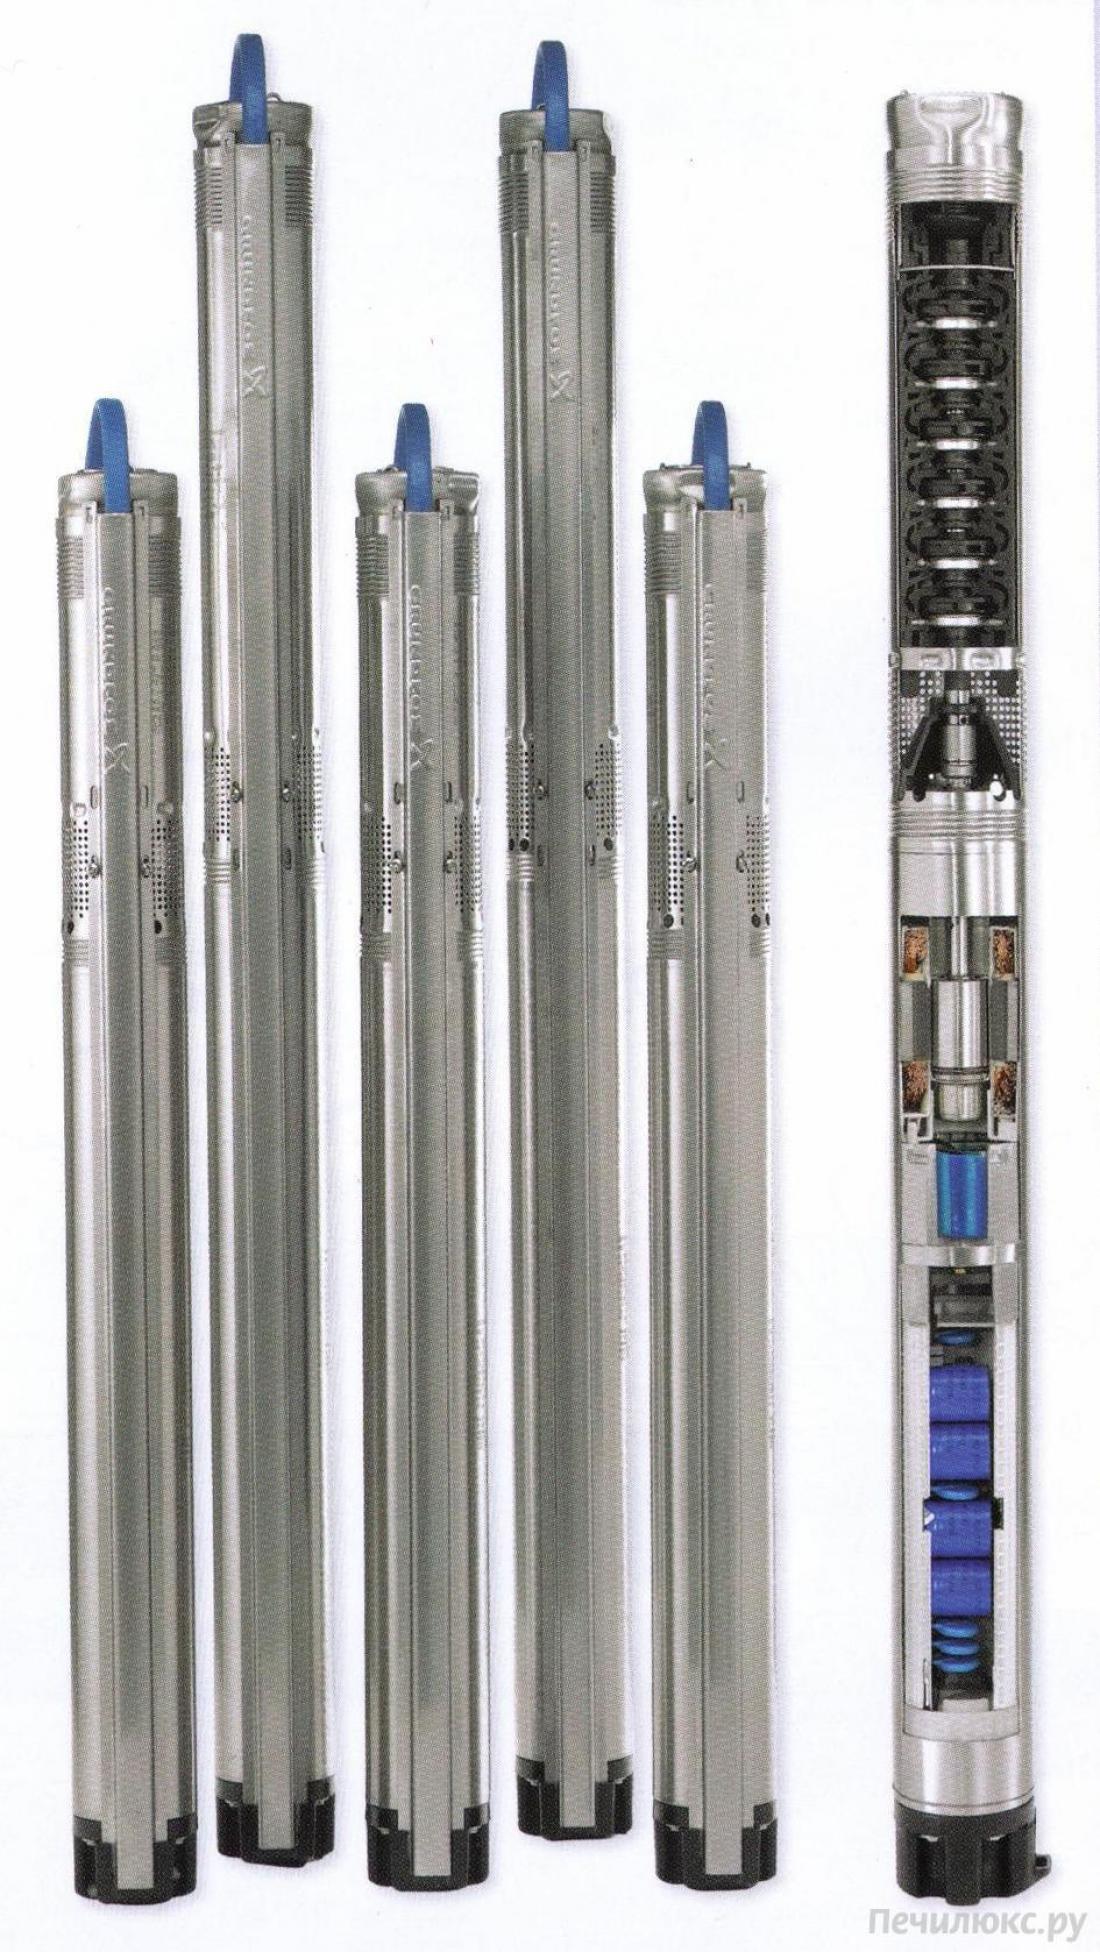 SQ 1- 35     0.70kW 200-240V 50/60Hz